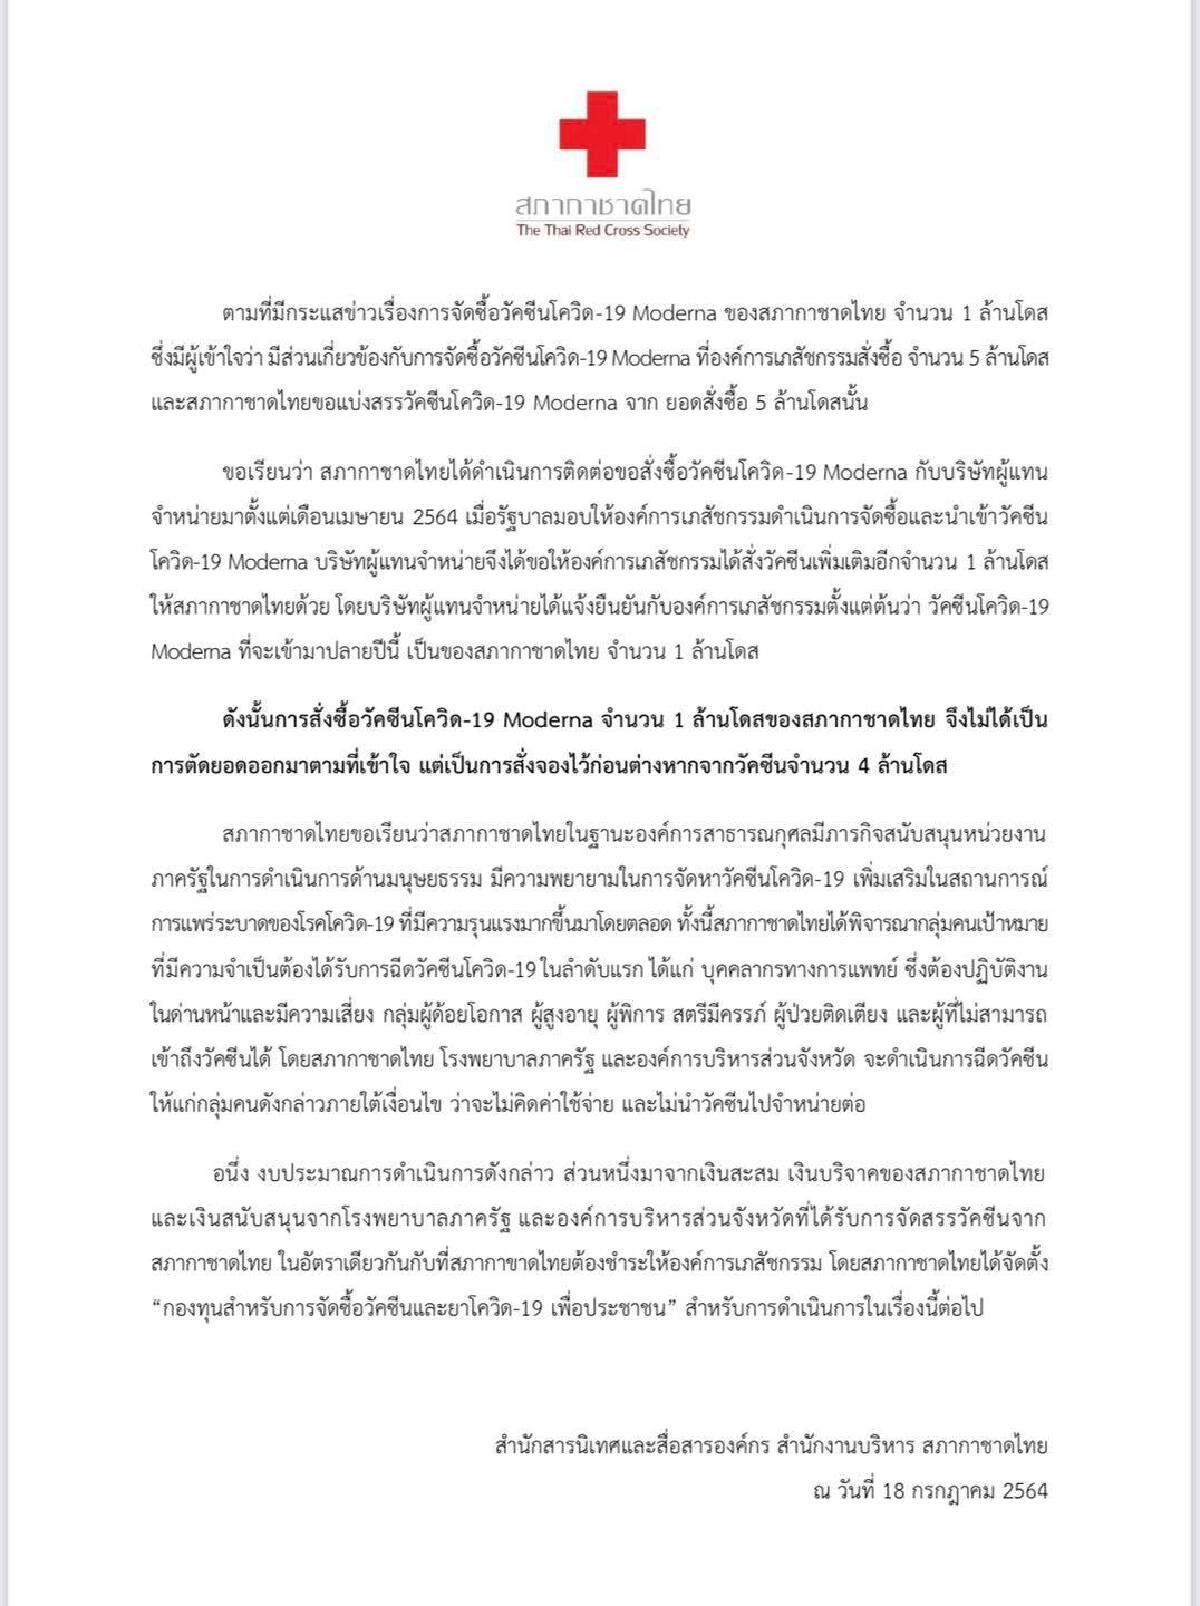 สภากาชาดไทย เปิดข้อเท็จจริง ปมวัคซีนโมเดอร์นา 1 ล้านโดส